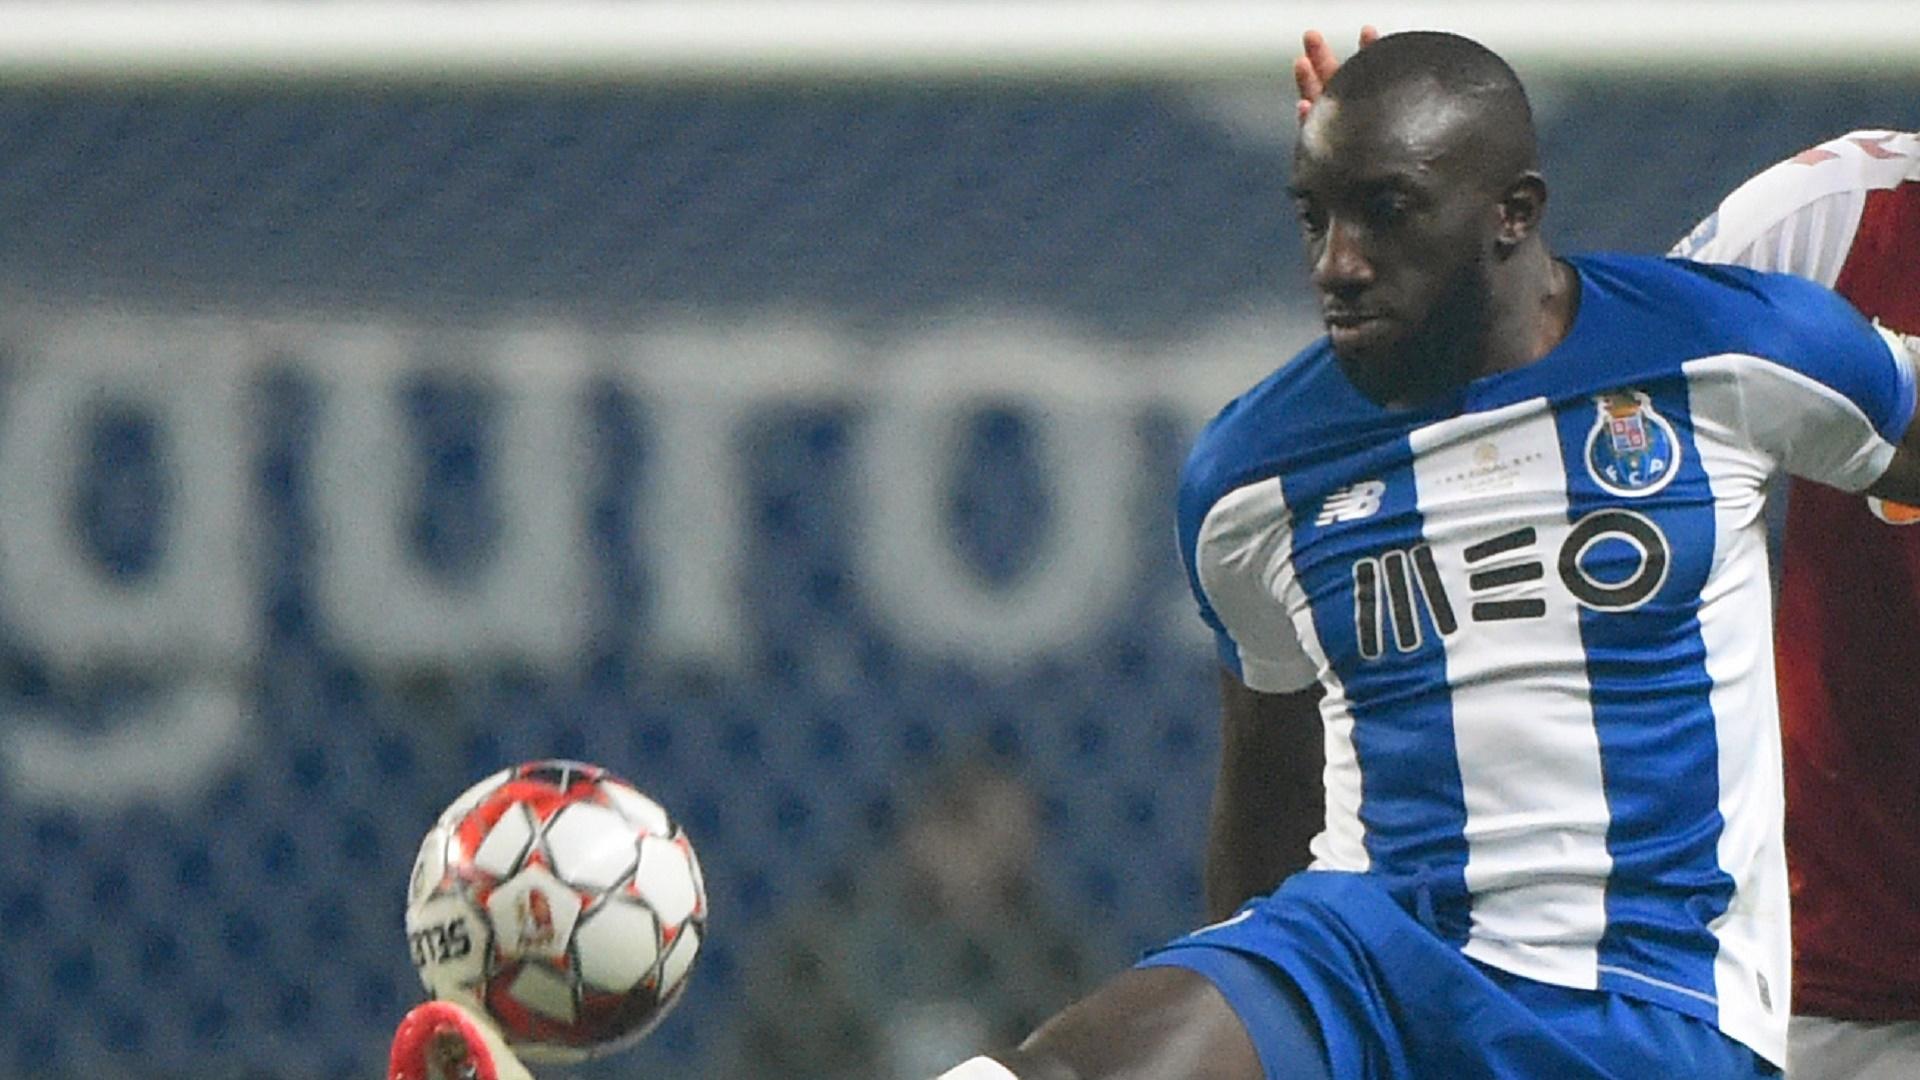 Moussa Marega scores in FC Porto's bashing of Moreirense